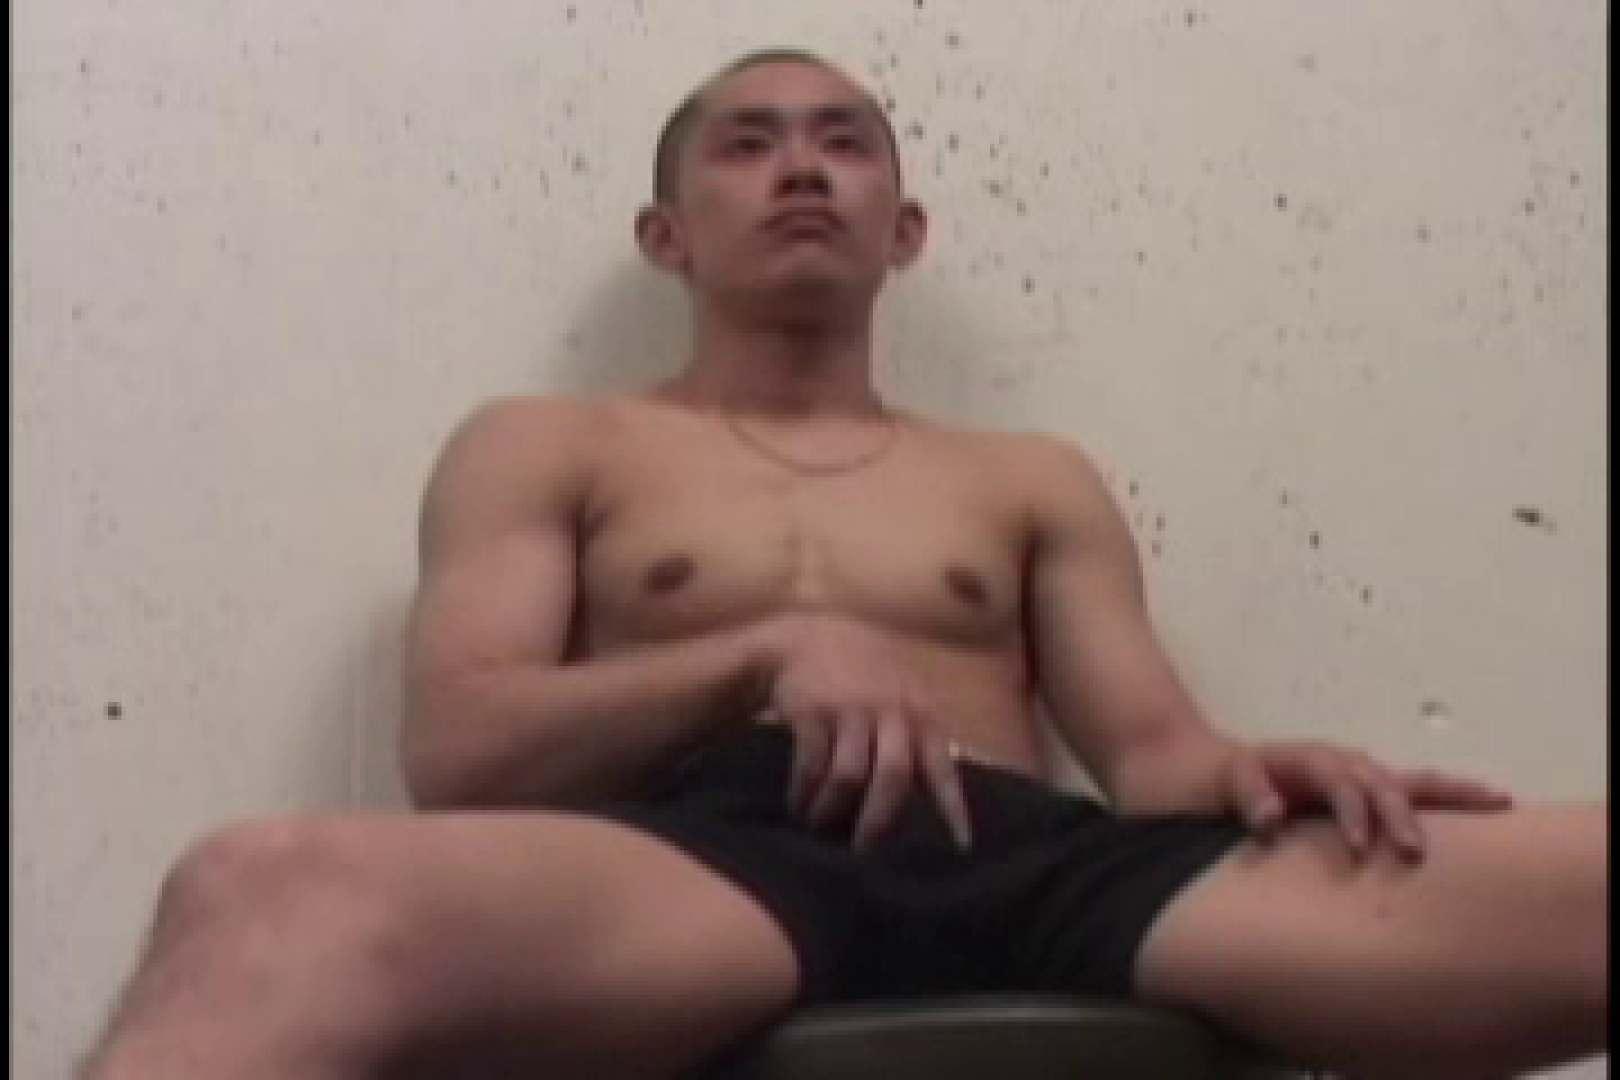 スリ筋!!スポメンのDANKON最高!!take.02 AV ゲイ丸見え画像 59pic 27